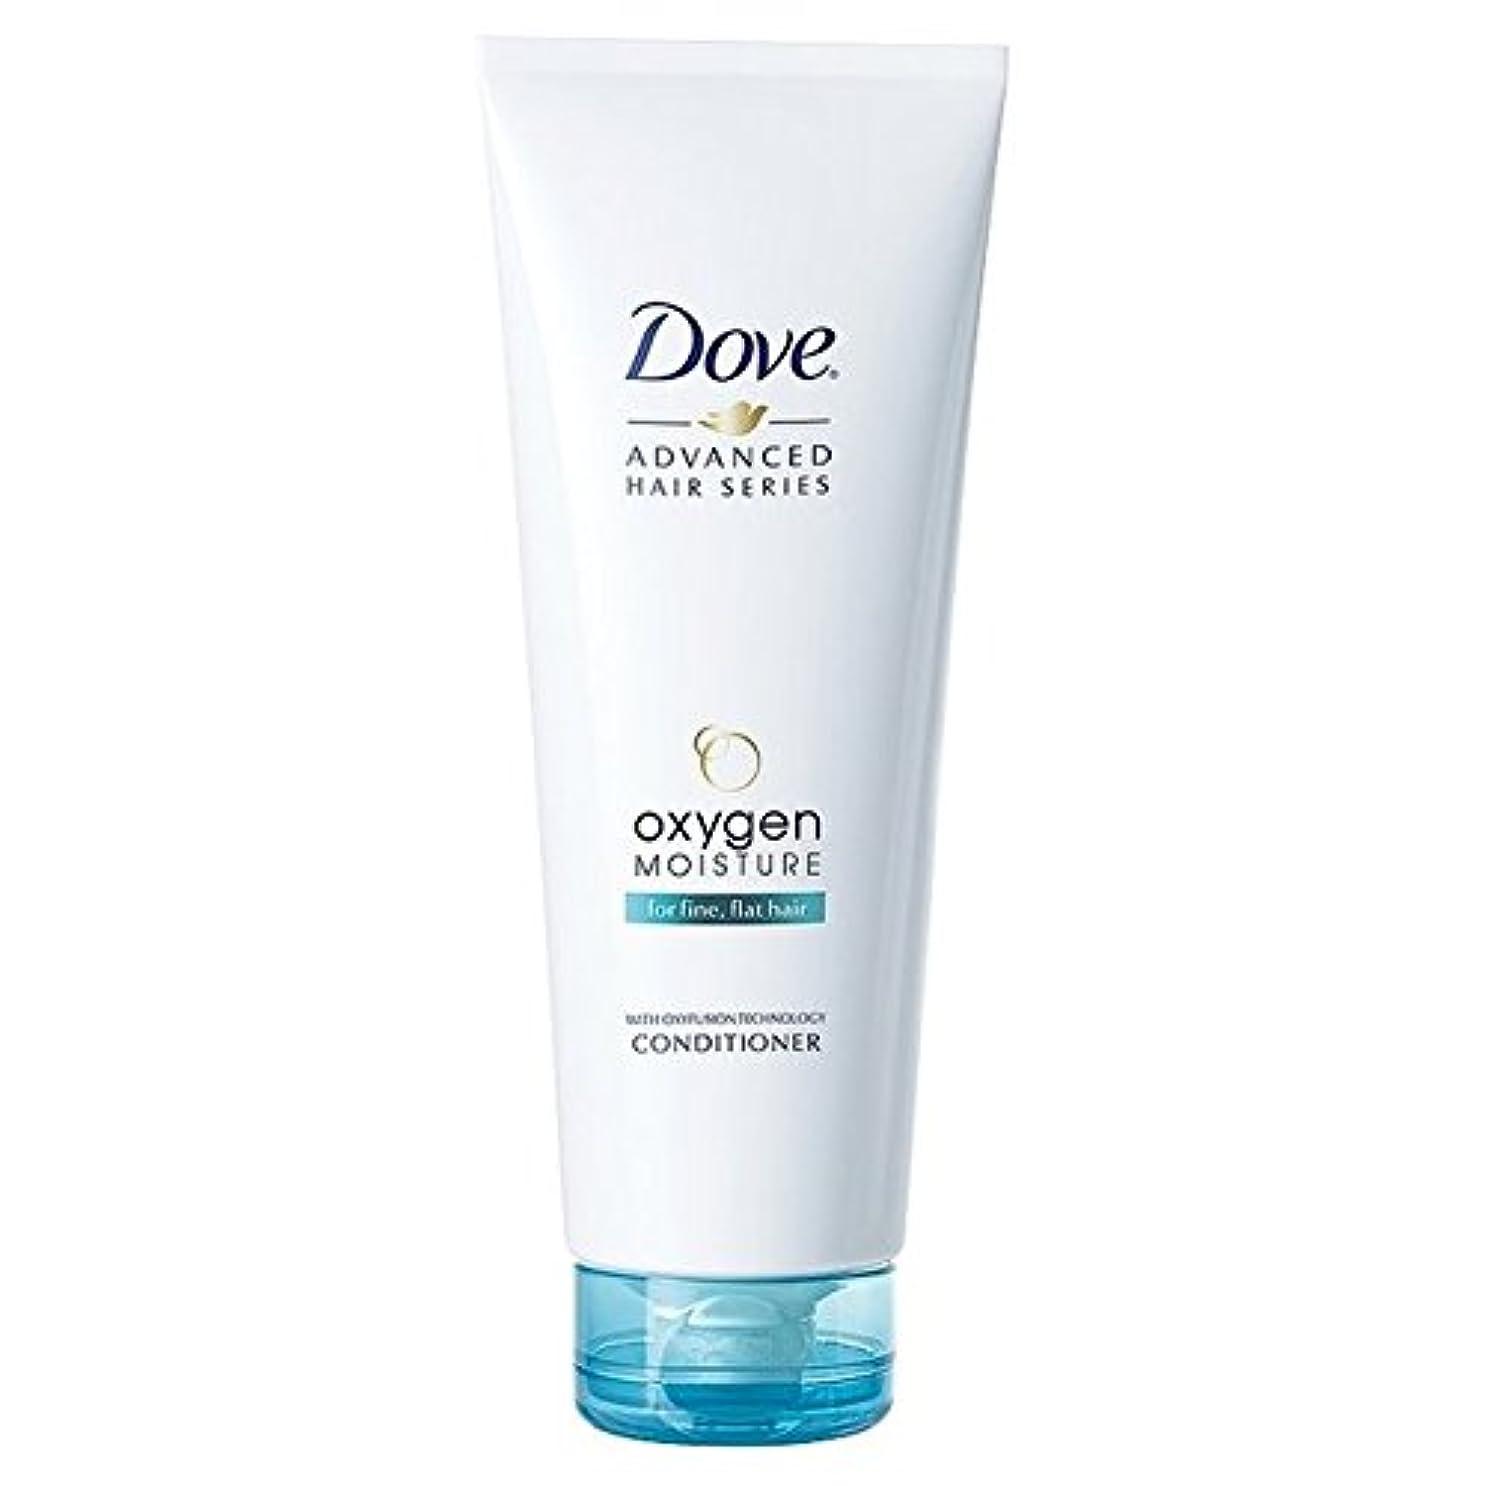 公メンタリティ罹患率Dove Oxygen Moisture Conditioner for Fine Hair 250ml (Pack of 6) - 細い髪の250ミリリットルのための鳩酸素水分コンディショナー x6 [並行輸入品]